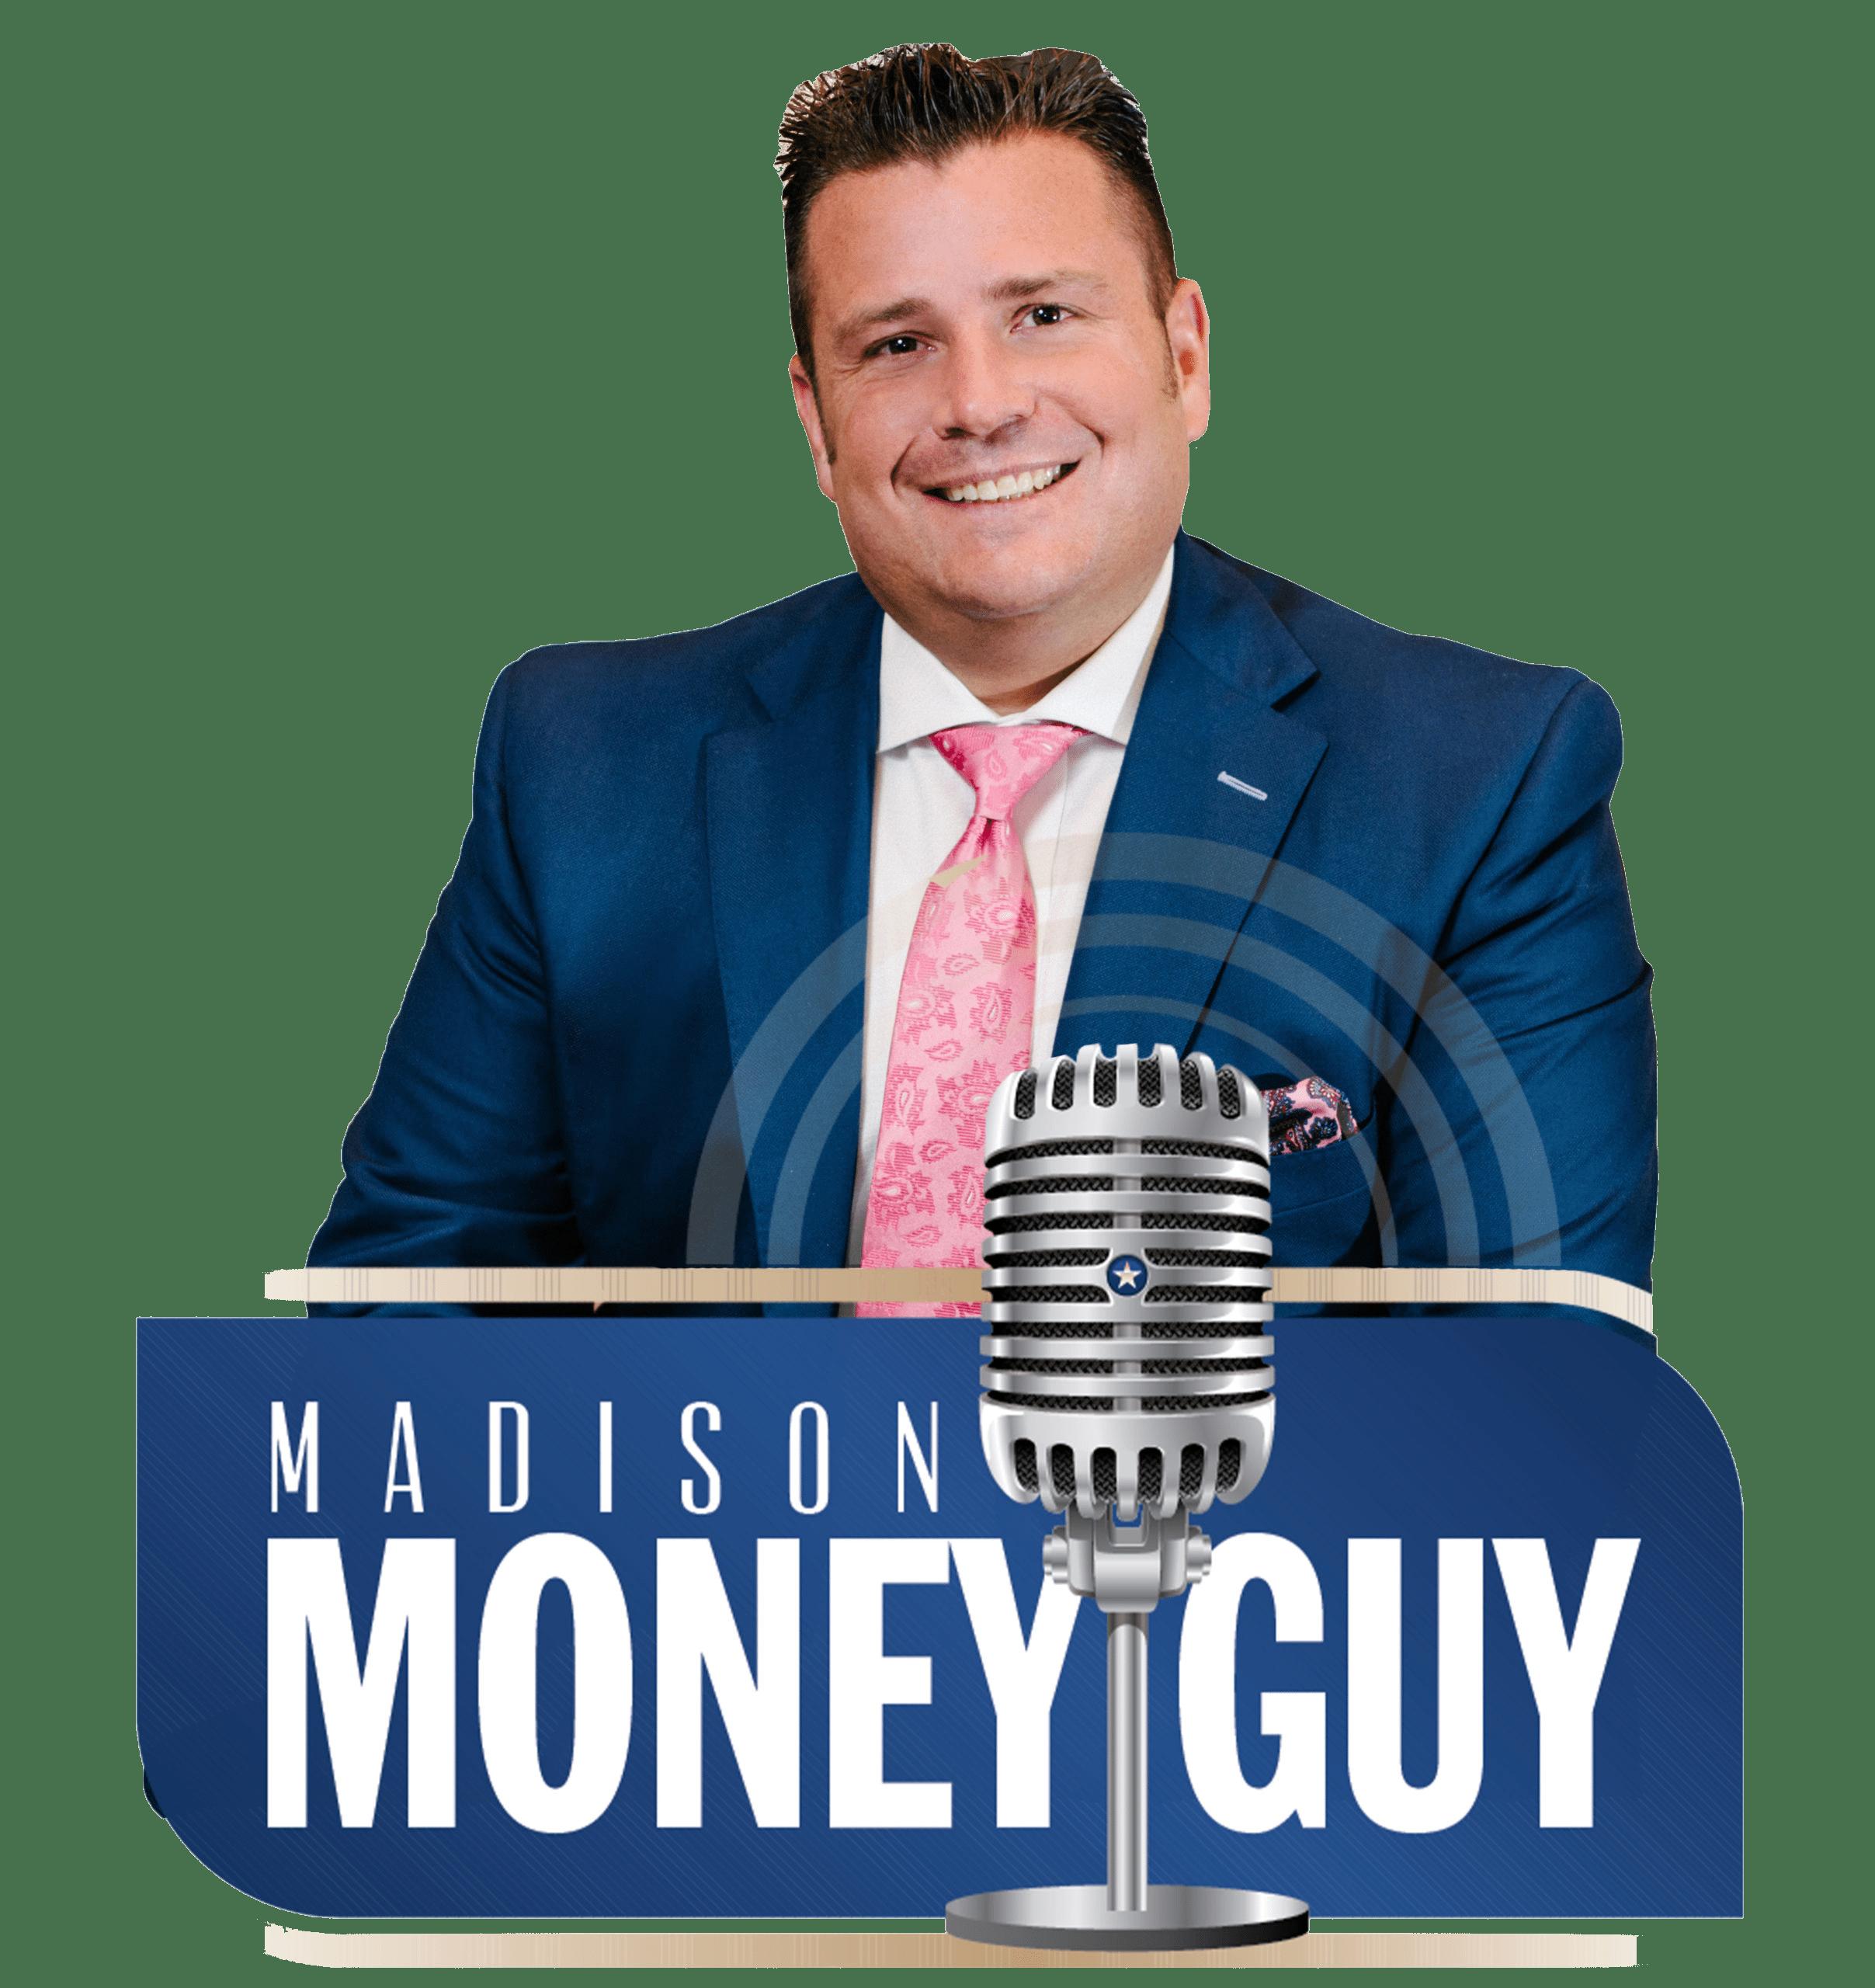 madison-money-guy2020-scaled